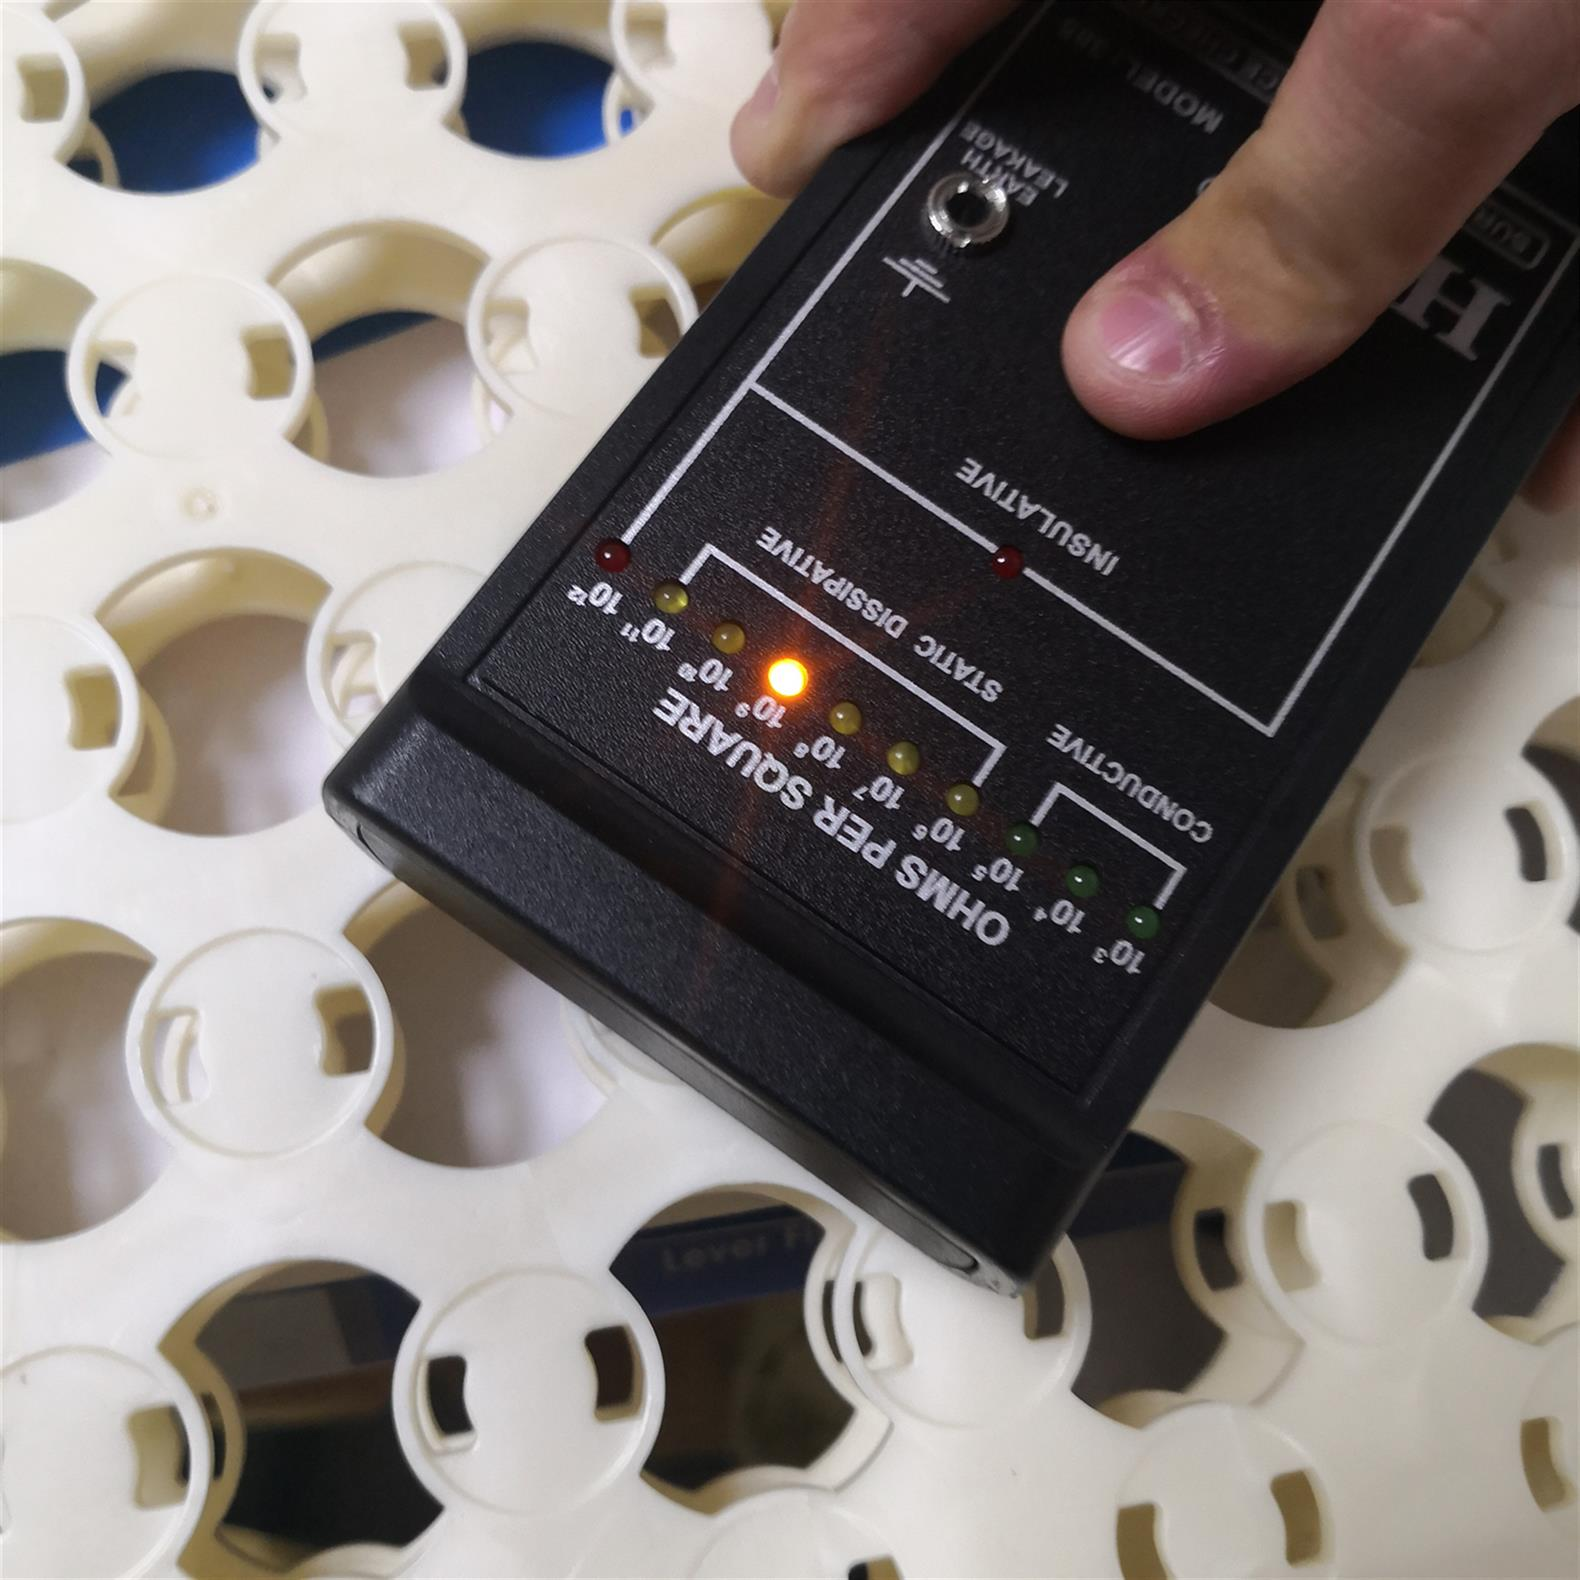 沈阳EMI电磁屏蔽TPR 热塑性橡胶材料 质量稳定